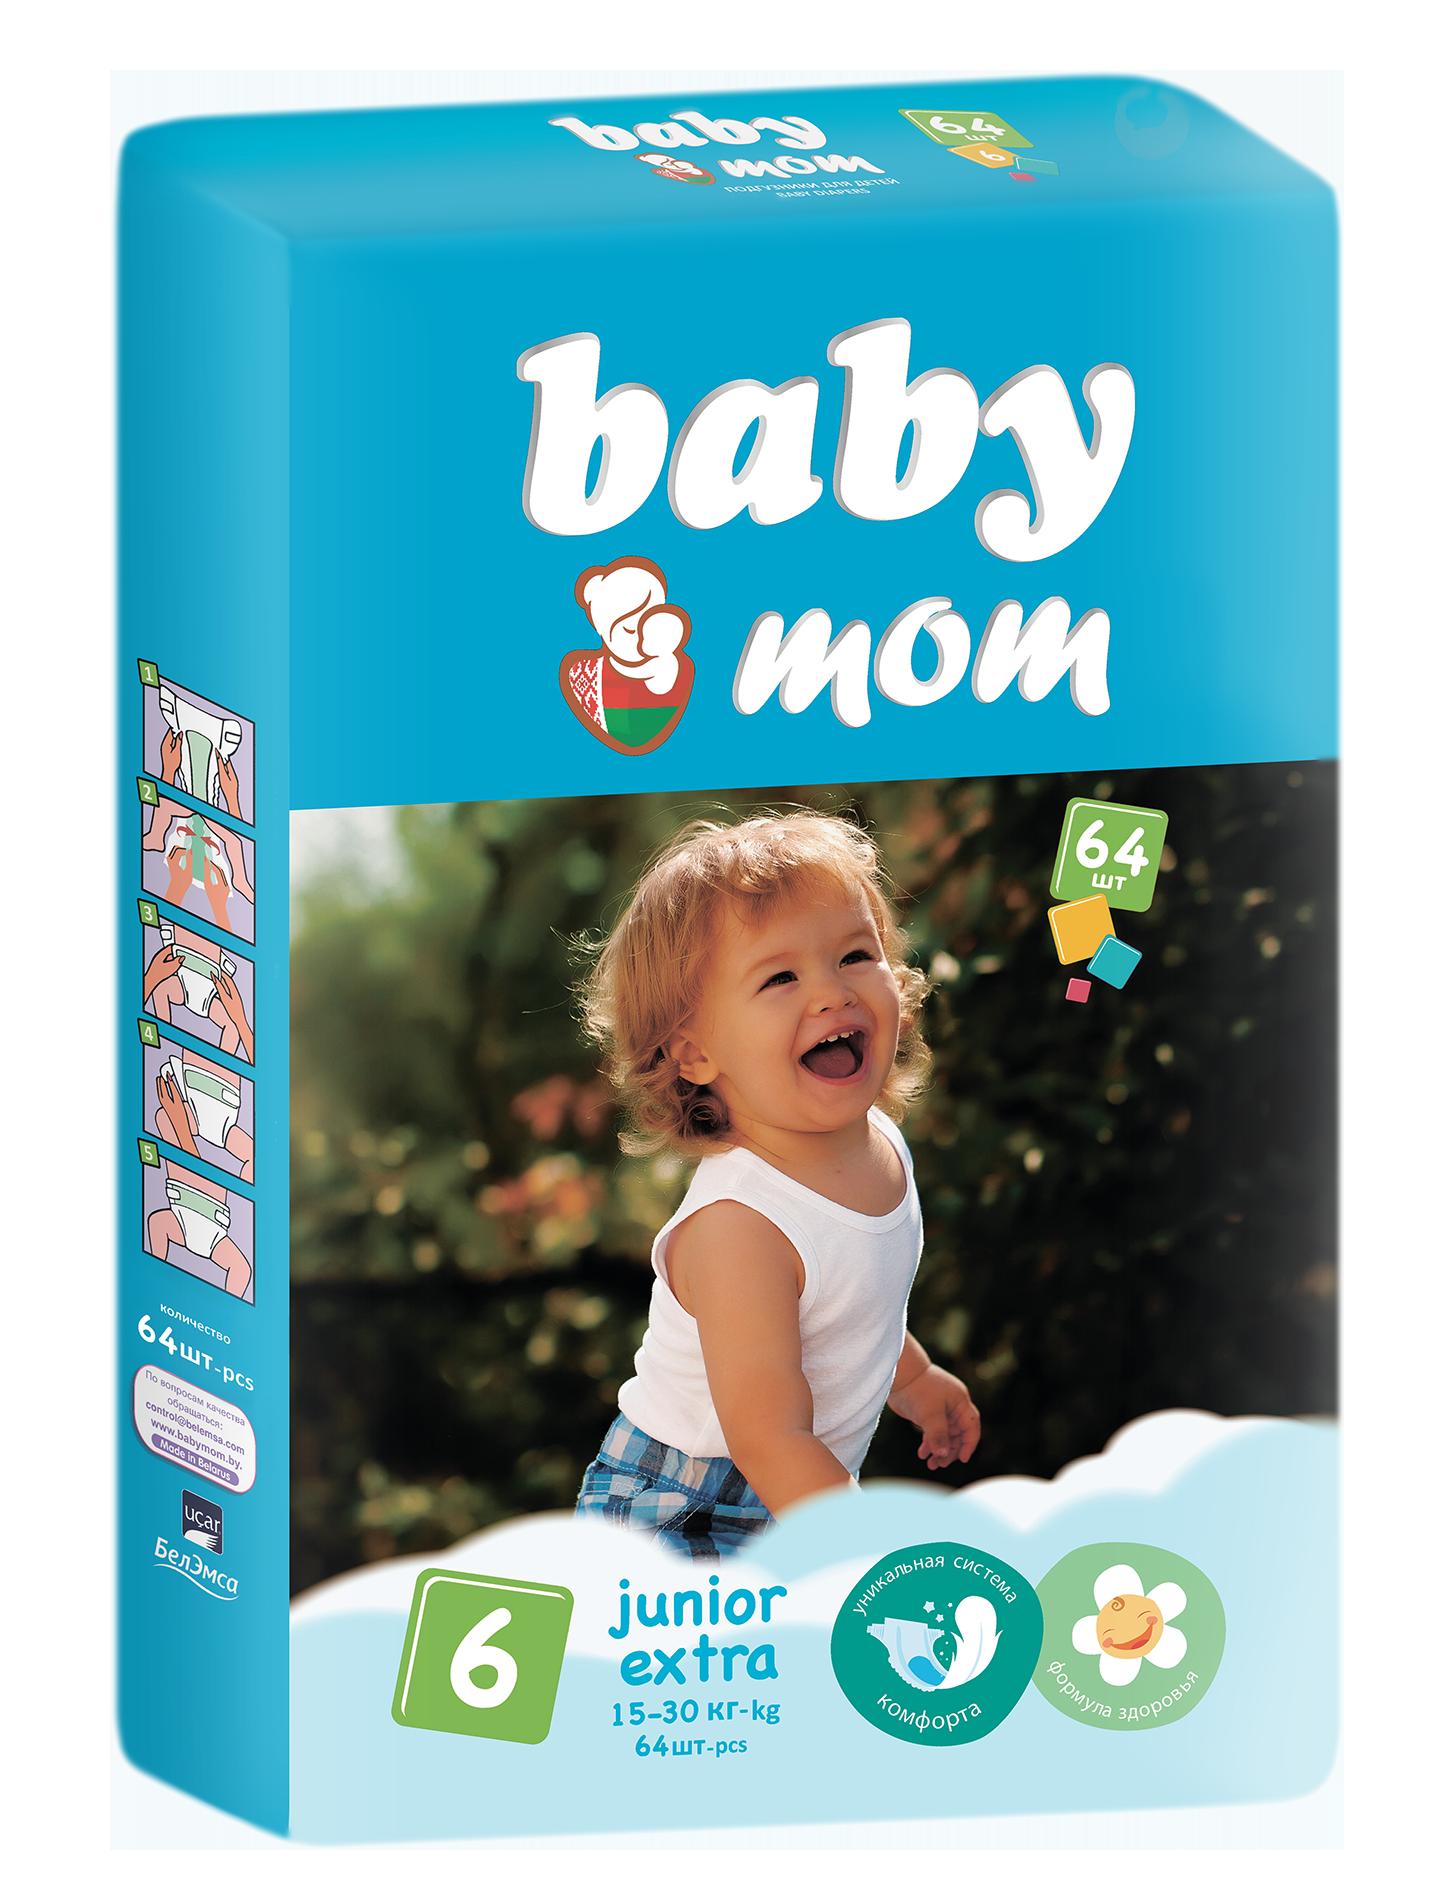 Подгузники Senso BABY MOM, размер Junior Extra, от 15 кг. до 30 кг., 64 шт.